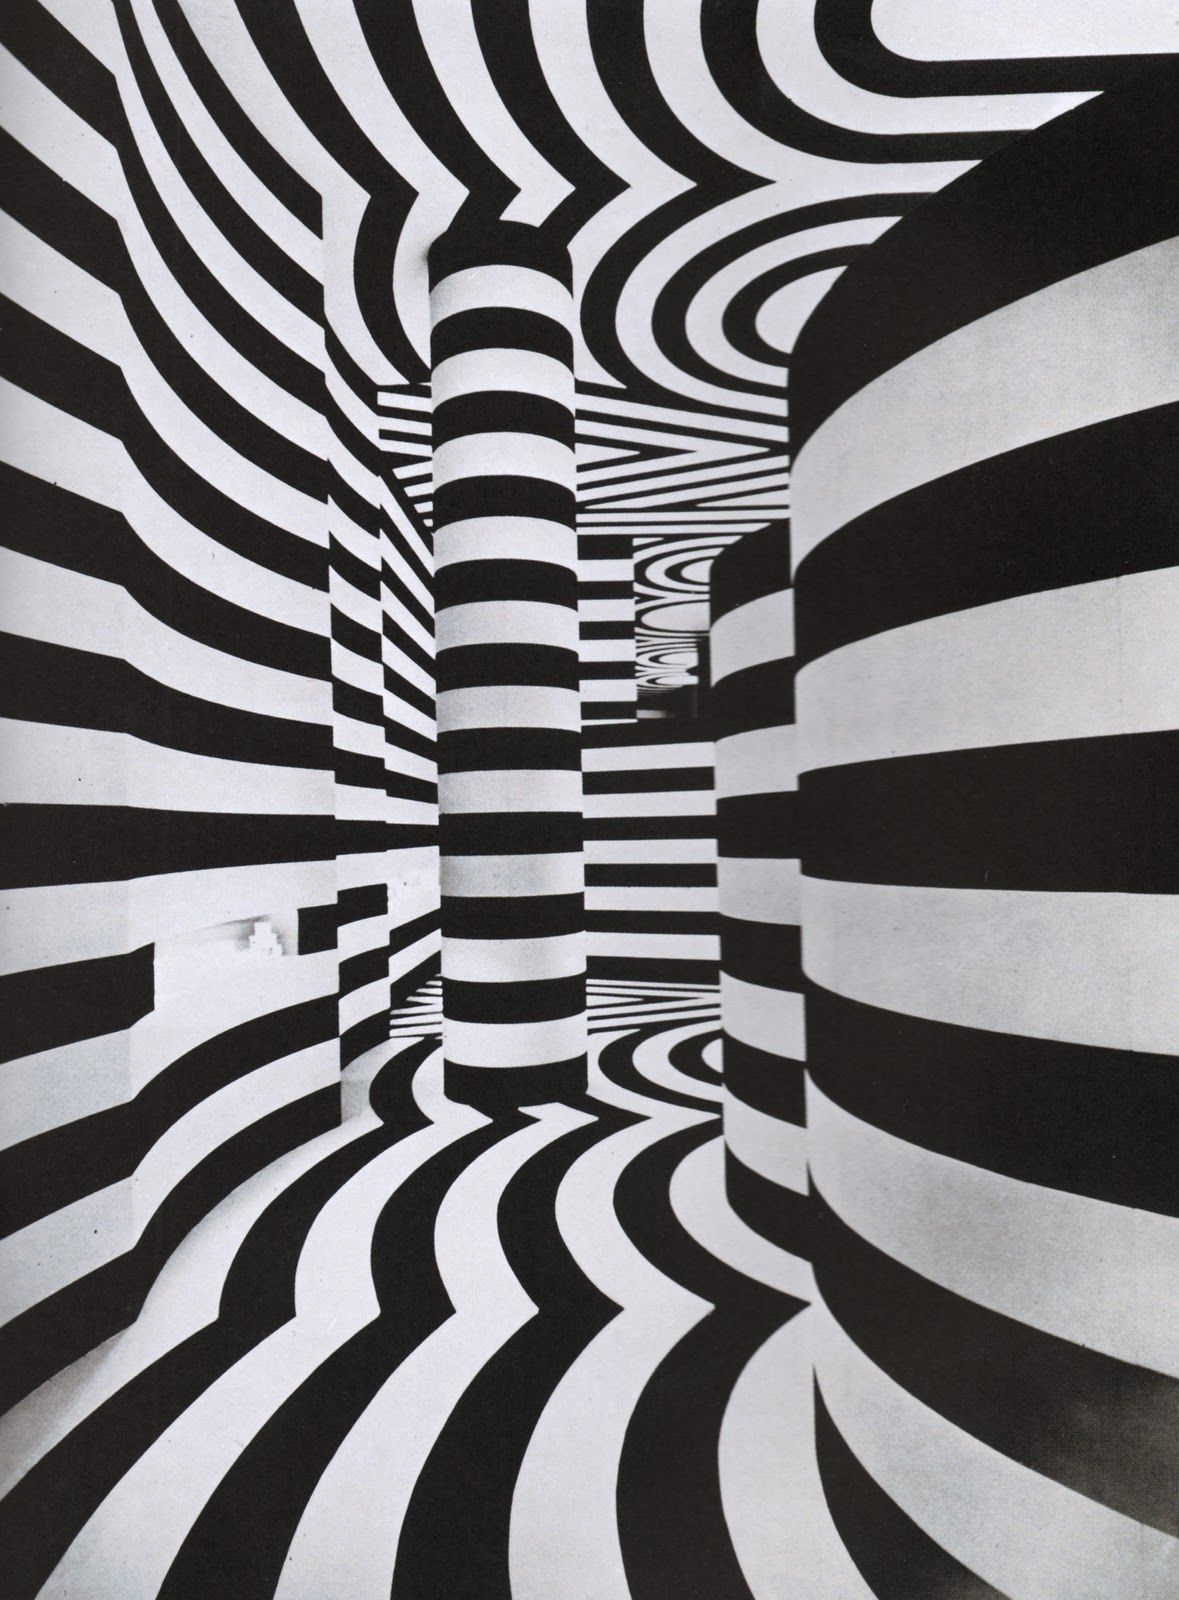 Optical Illusion トリックアート Iphone7 壁紙 錯視